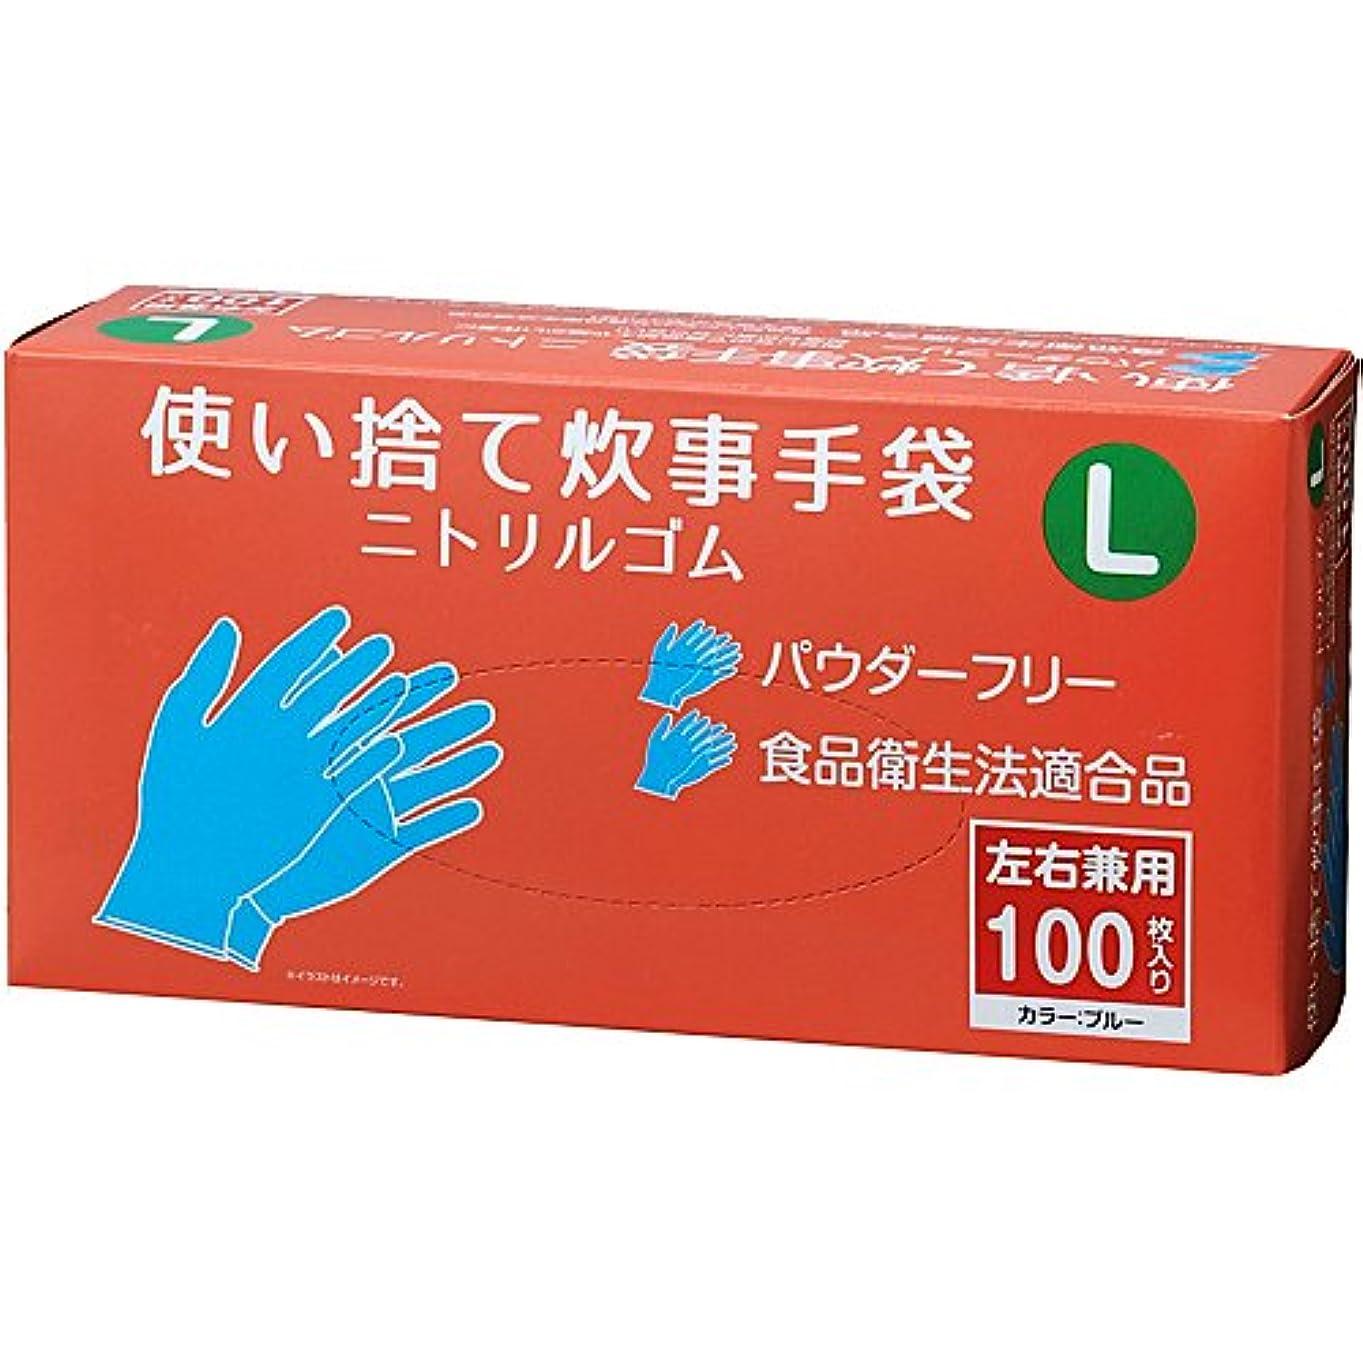 レイプ遠い重力コーナンオリジナル 使い捨て炊事手袋 ニトリルゴム 100枚入り L